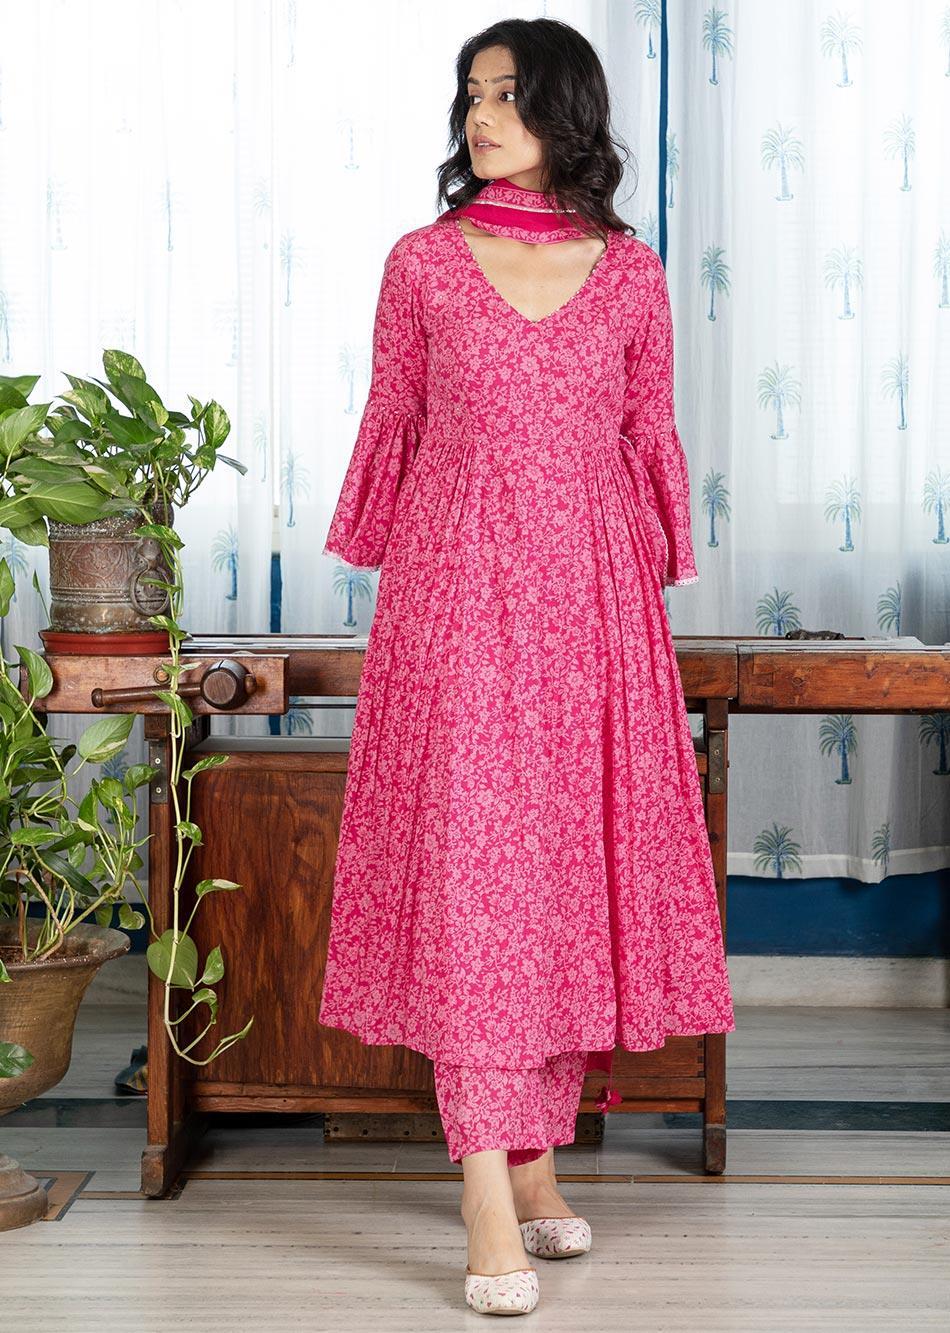 MOH Pink Anarkali Kurta (only kurta) By Jovi Fashion